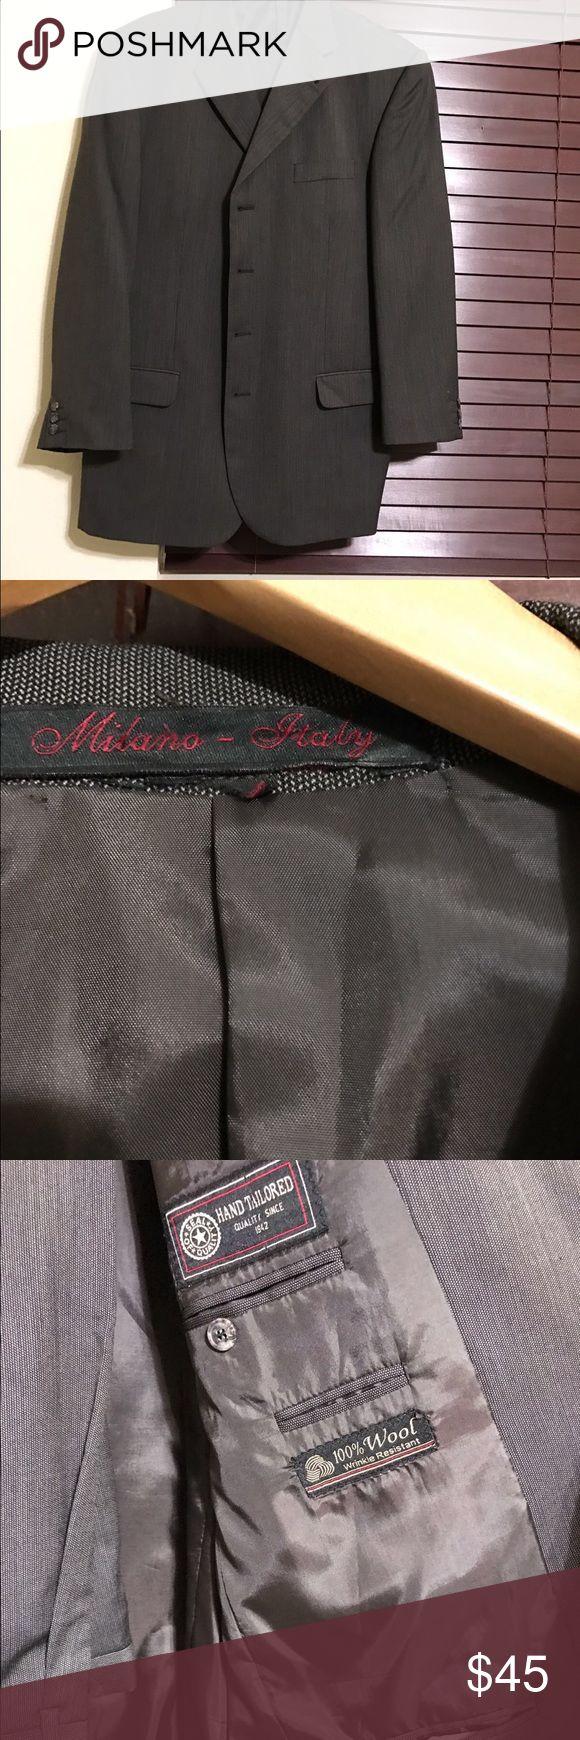 Men suit Suit for men in good condition Suits & Blazers Suits